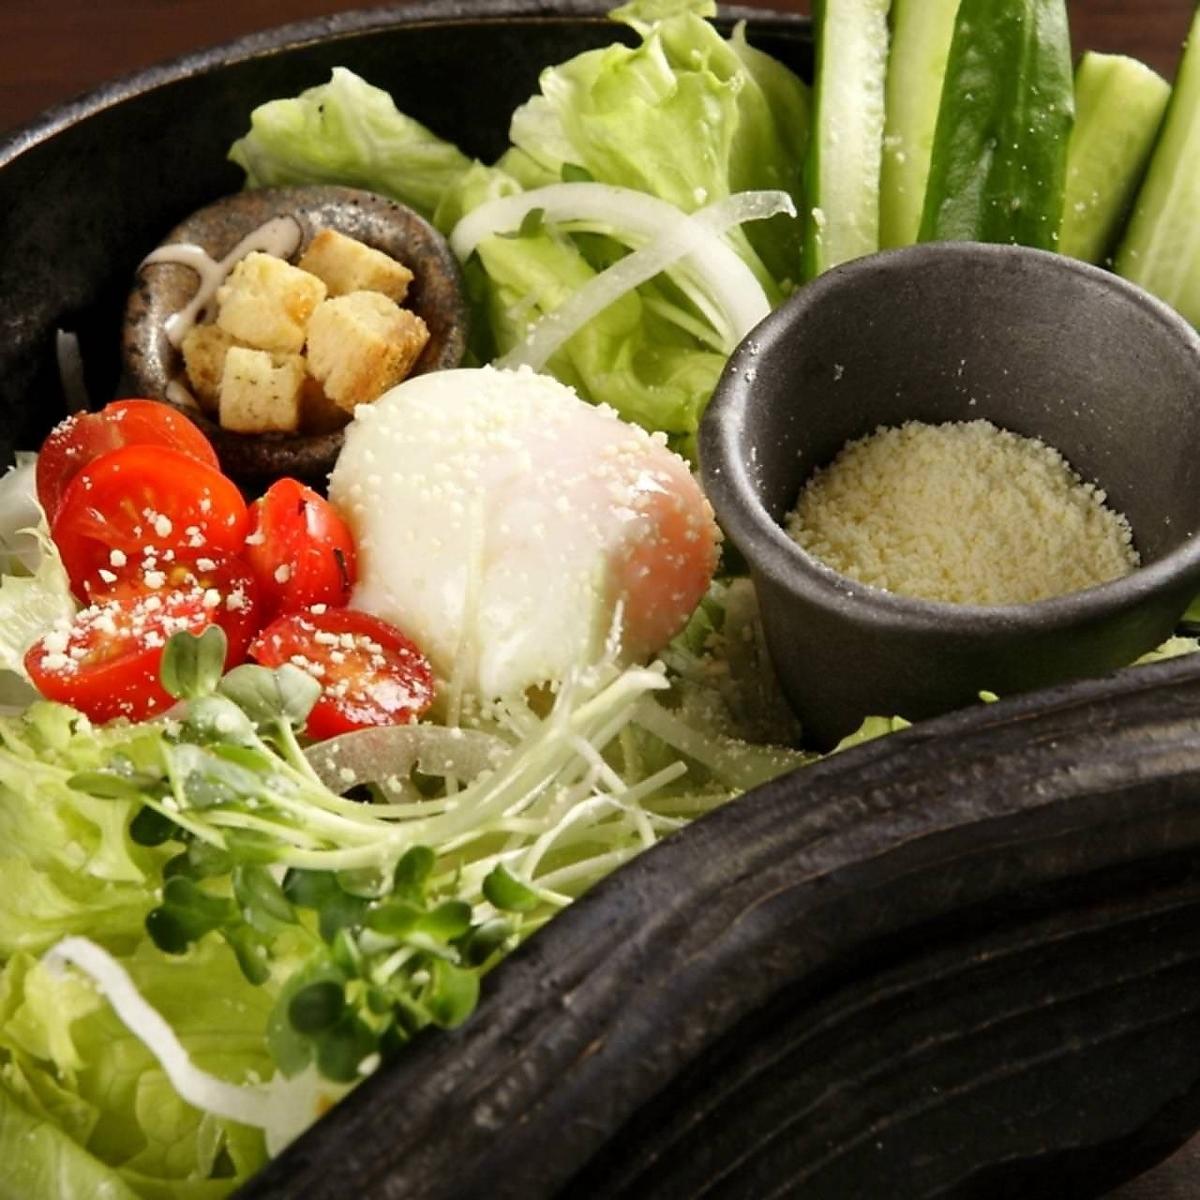 시저 샐러드 / 자코의 바삭 바삭한 샐러드